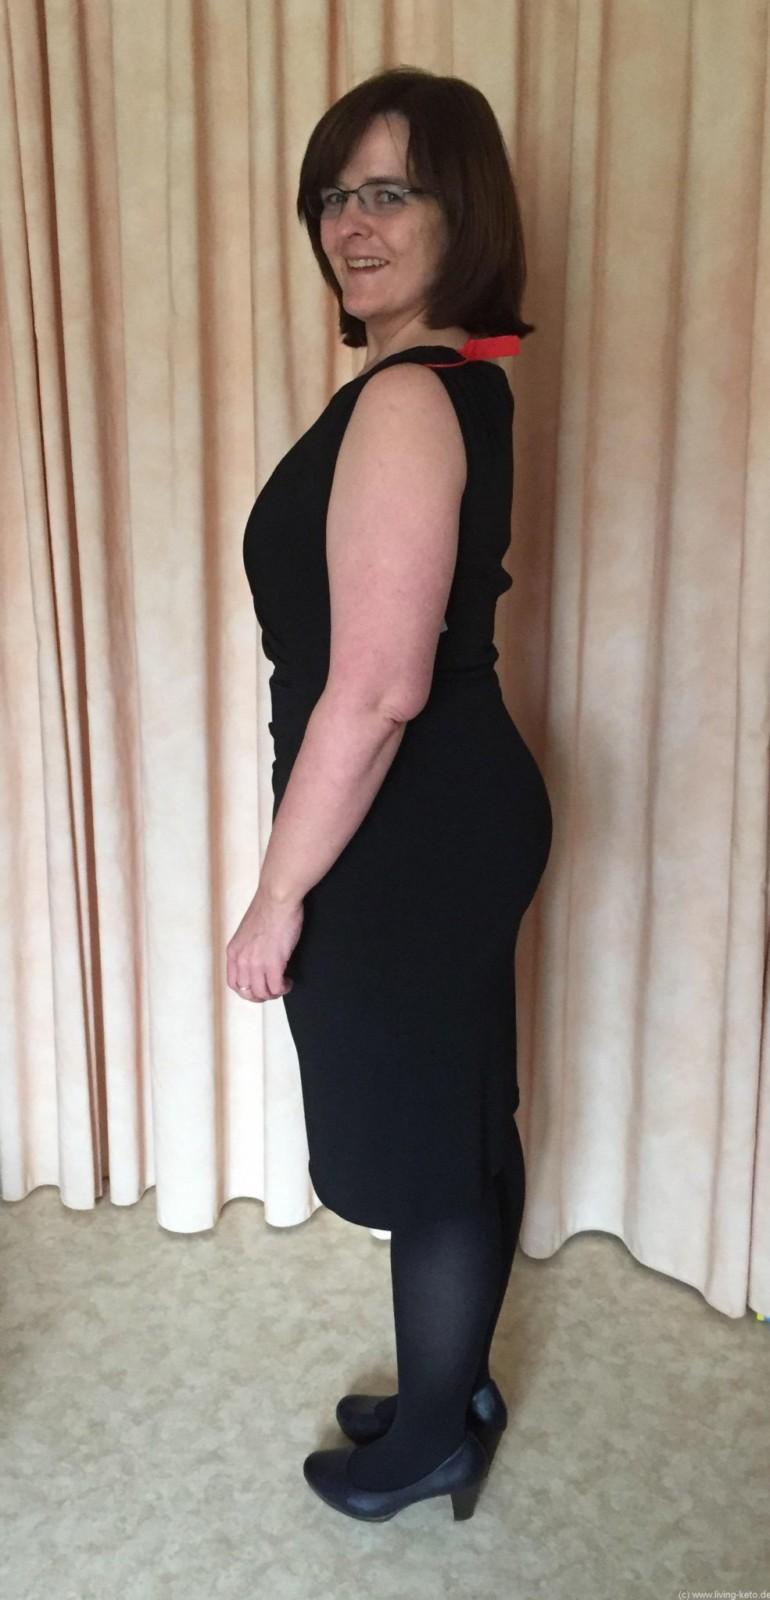 April 2016: 87kg